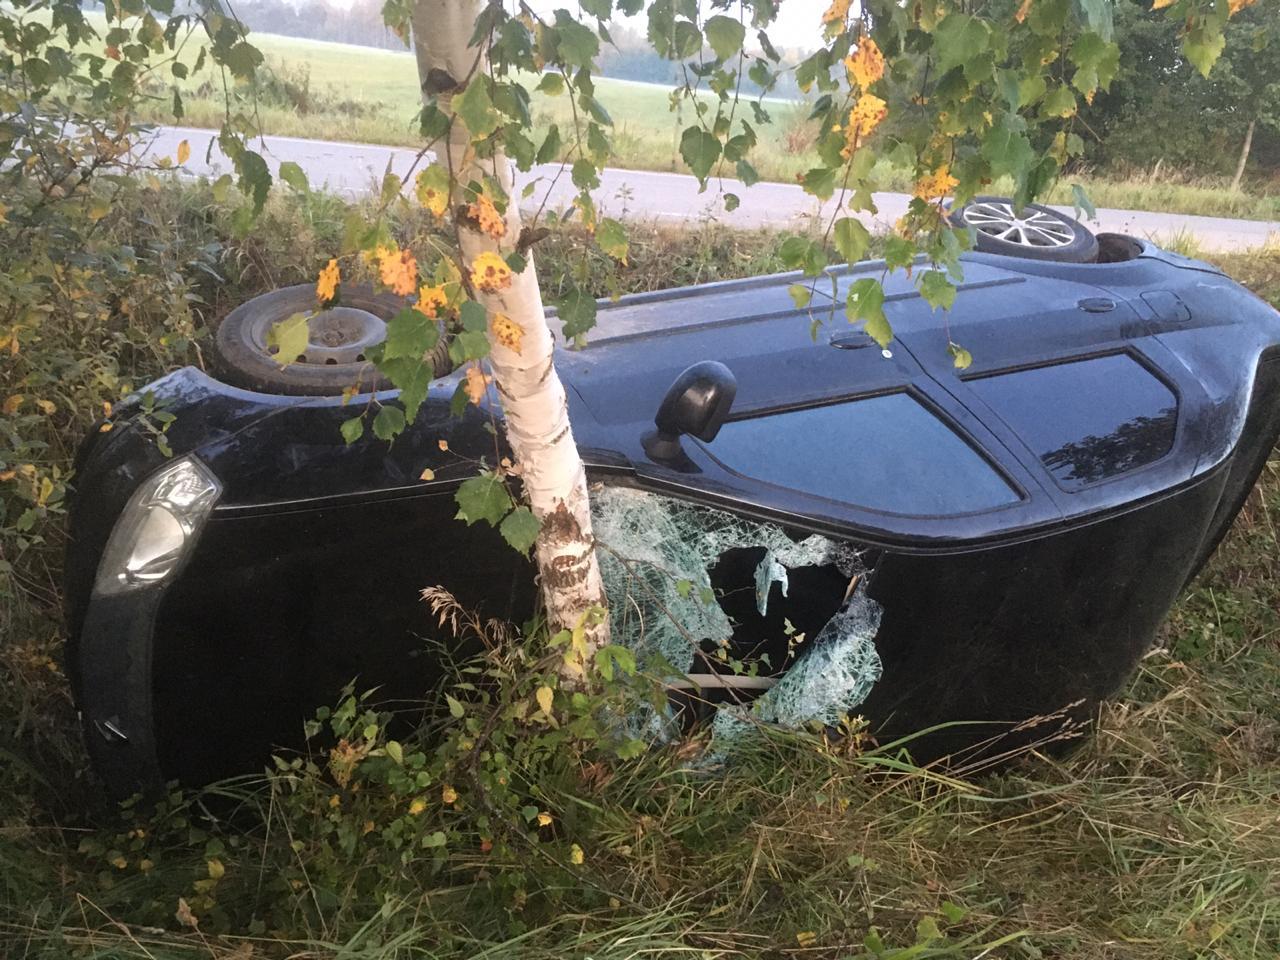 Под Тверью пьяный водитель получил травмы в перевернувшейся легковушке - новости Афанасий